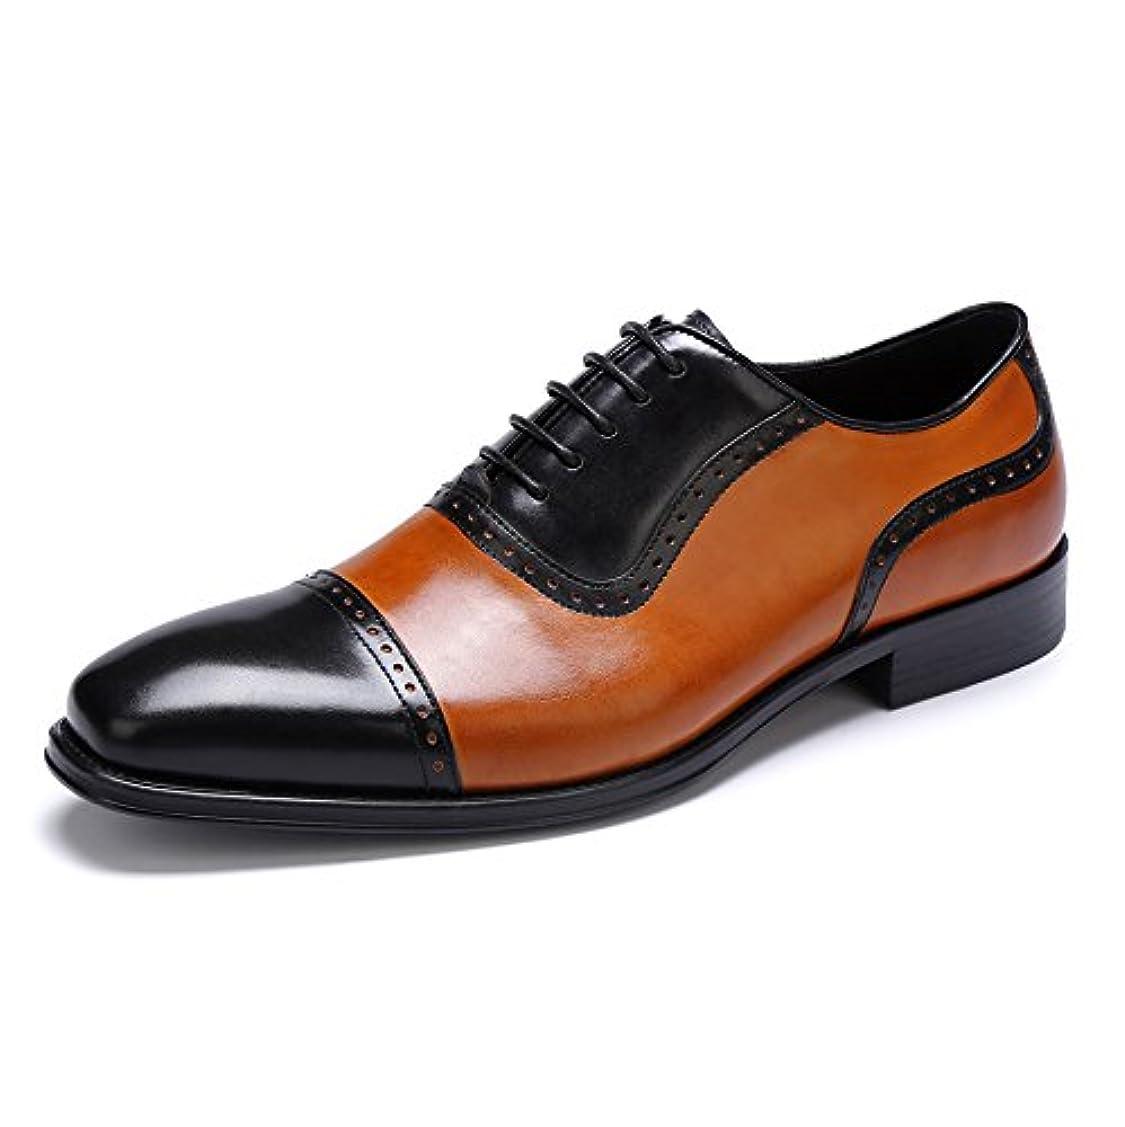 世界に死んだ振るカウボーイONE MAX メンズ 大きいサイズ ビジネスシューズ 本革 革靴 ウォーキング 紳士靴 通勤 レースアップ ストレートチップ 柔らかい